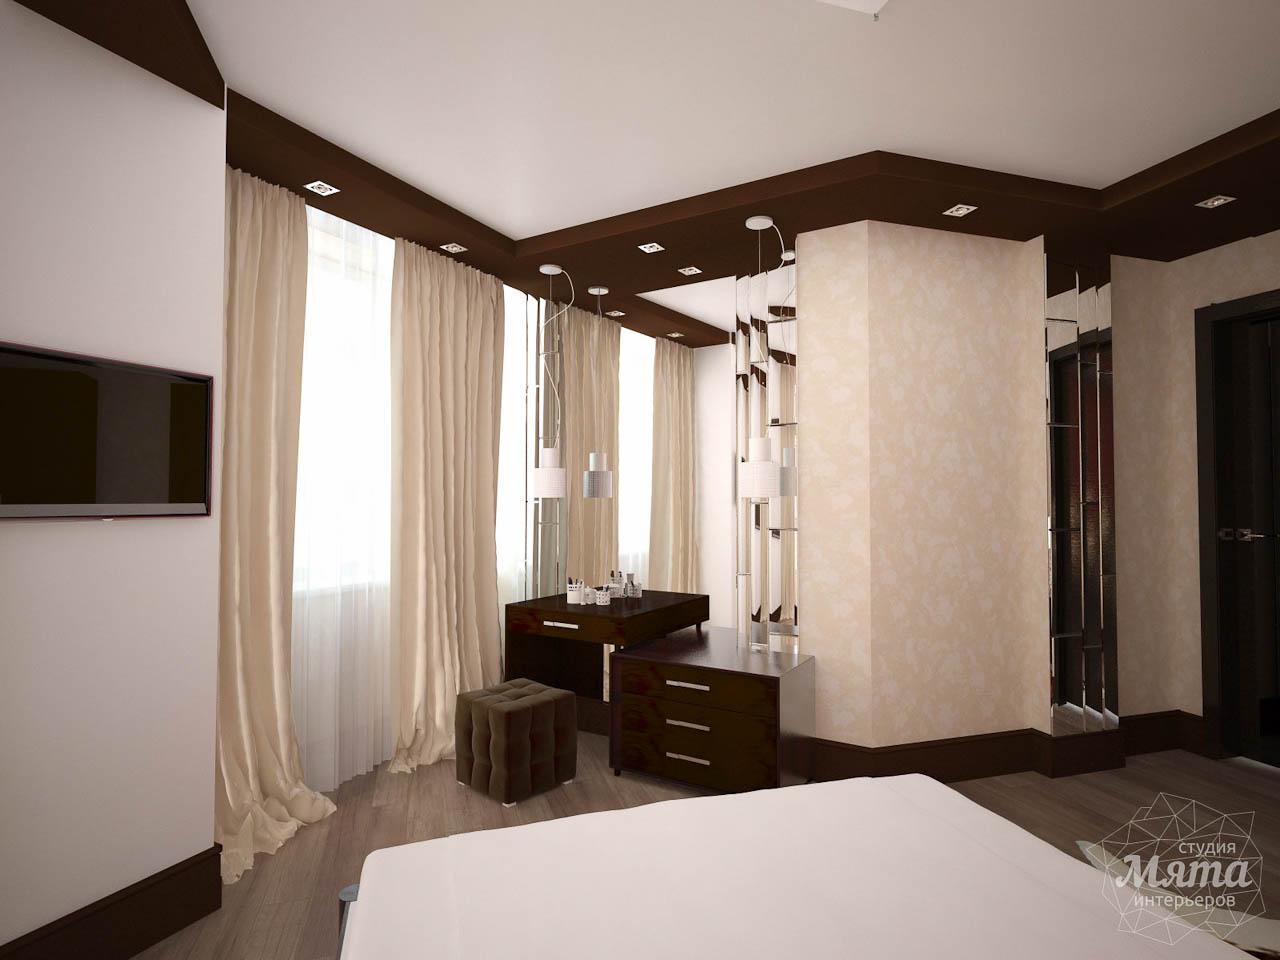 Дизайн интерьера трехкомнатной квартиры по ул. Белинского 222 img1076557946